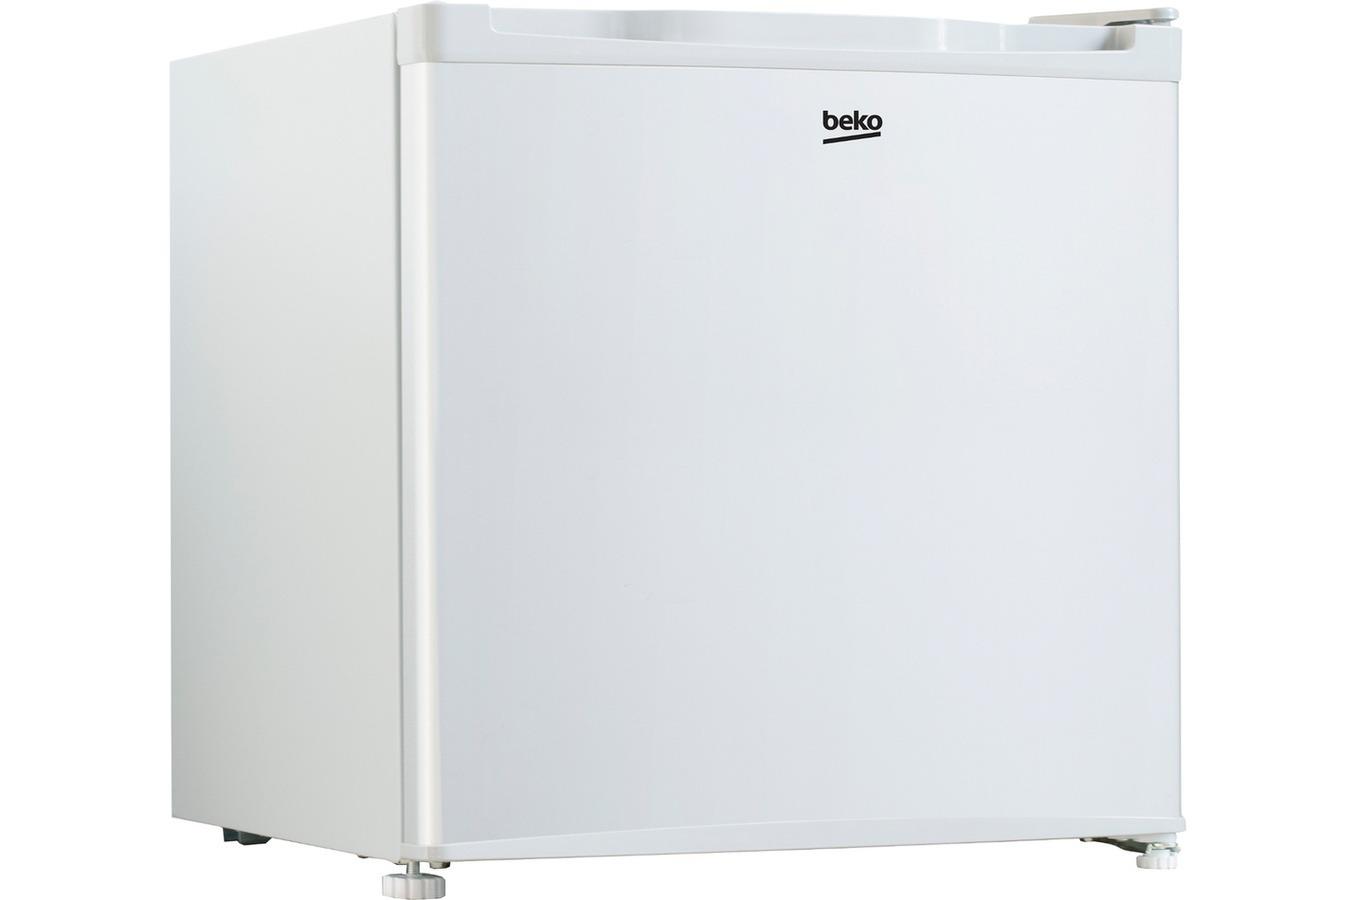 Équipement réfrigéré : trouvez-le en fonction des produits à conserver